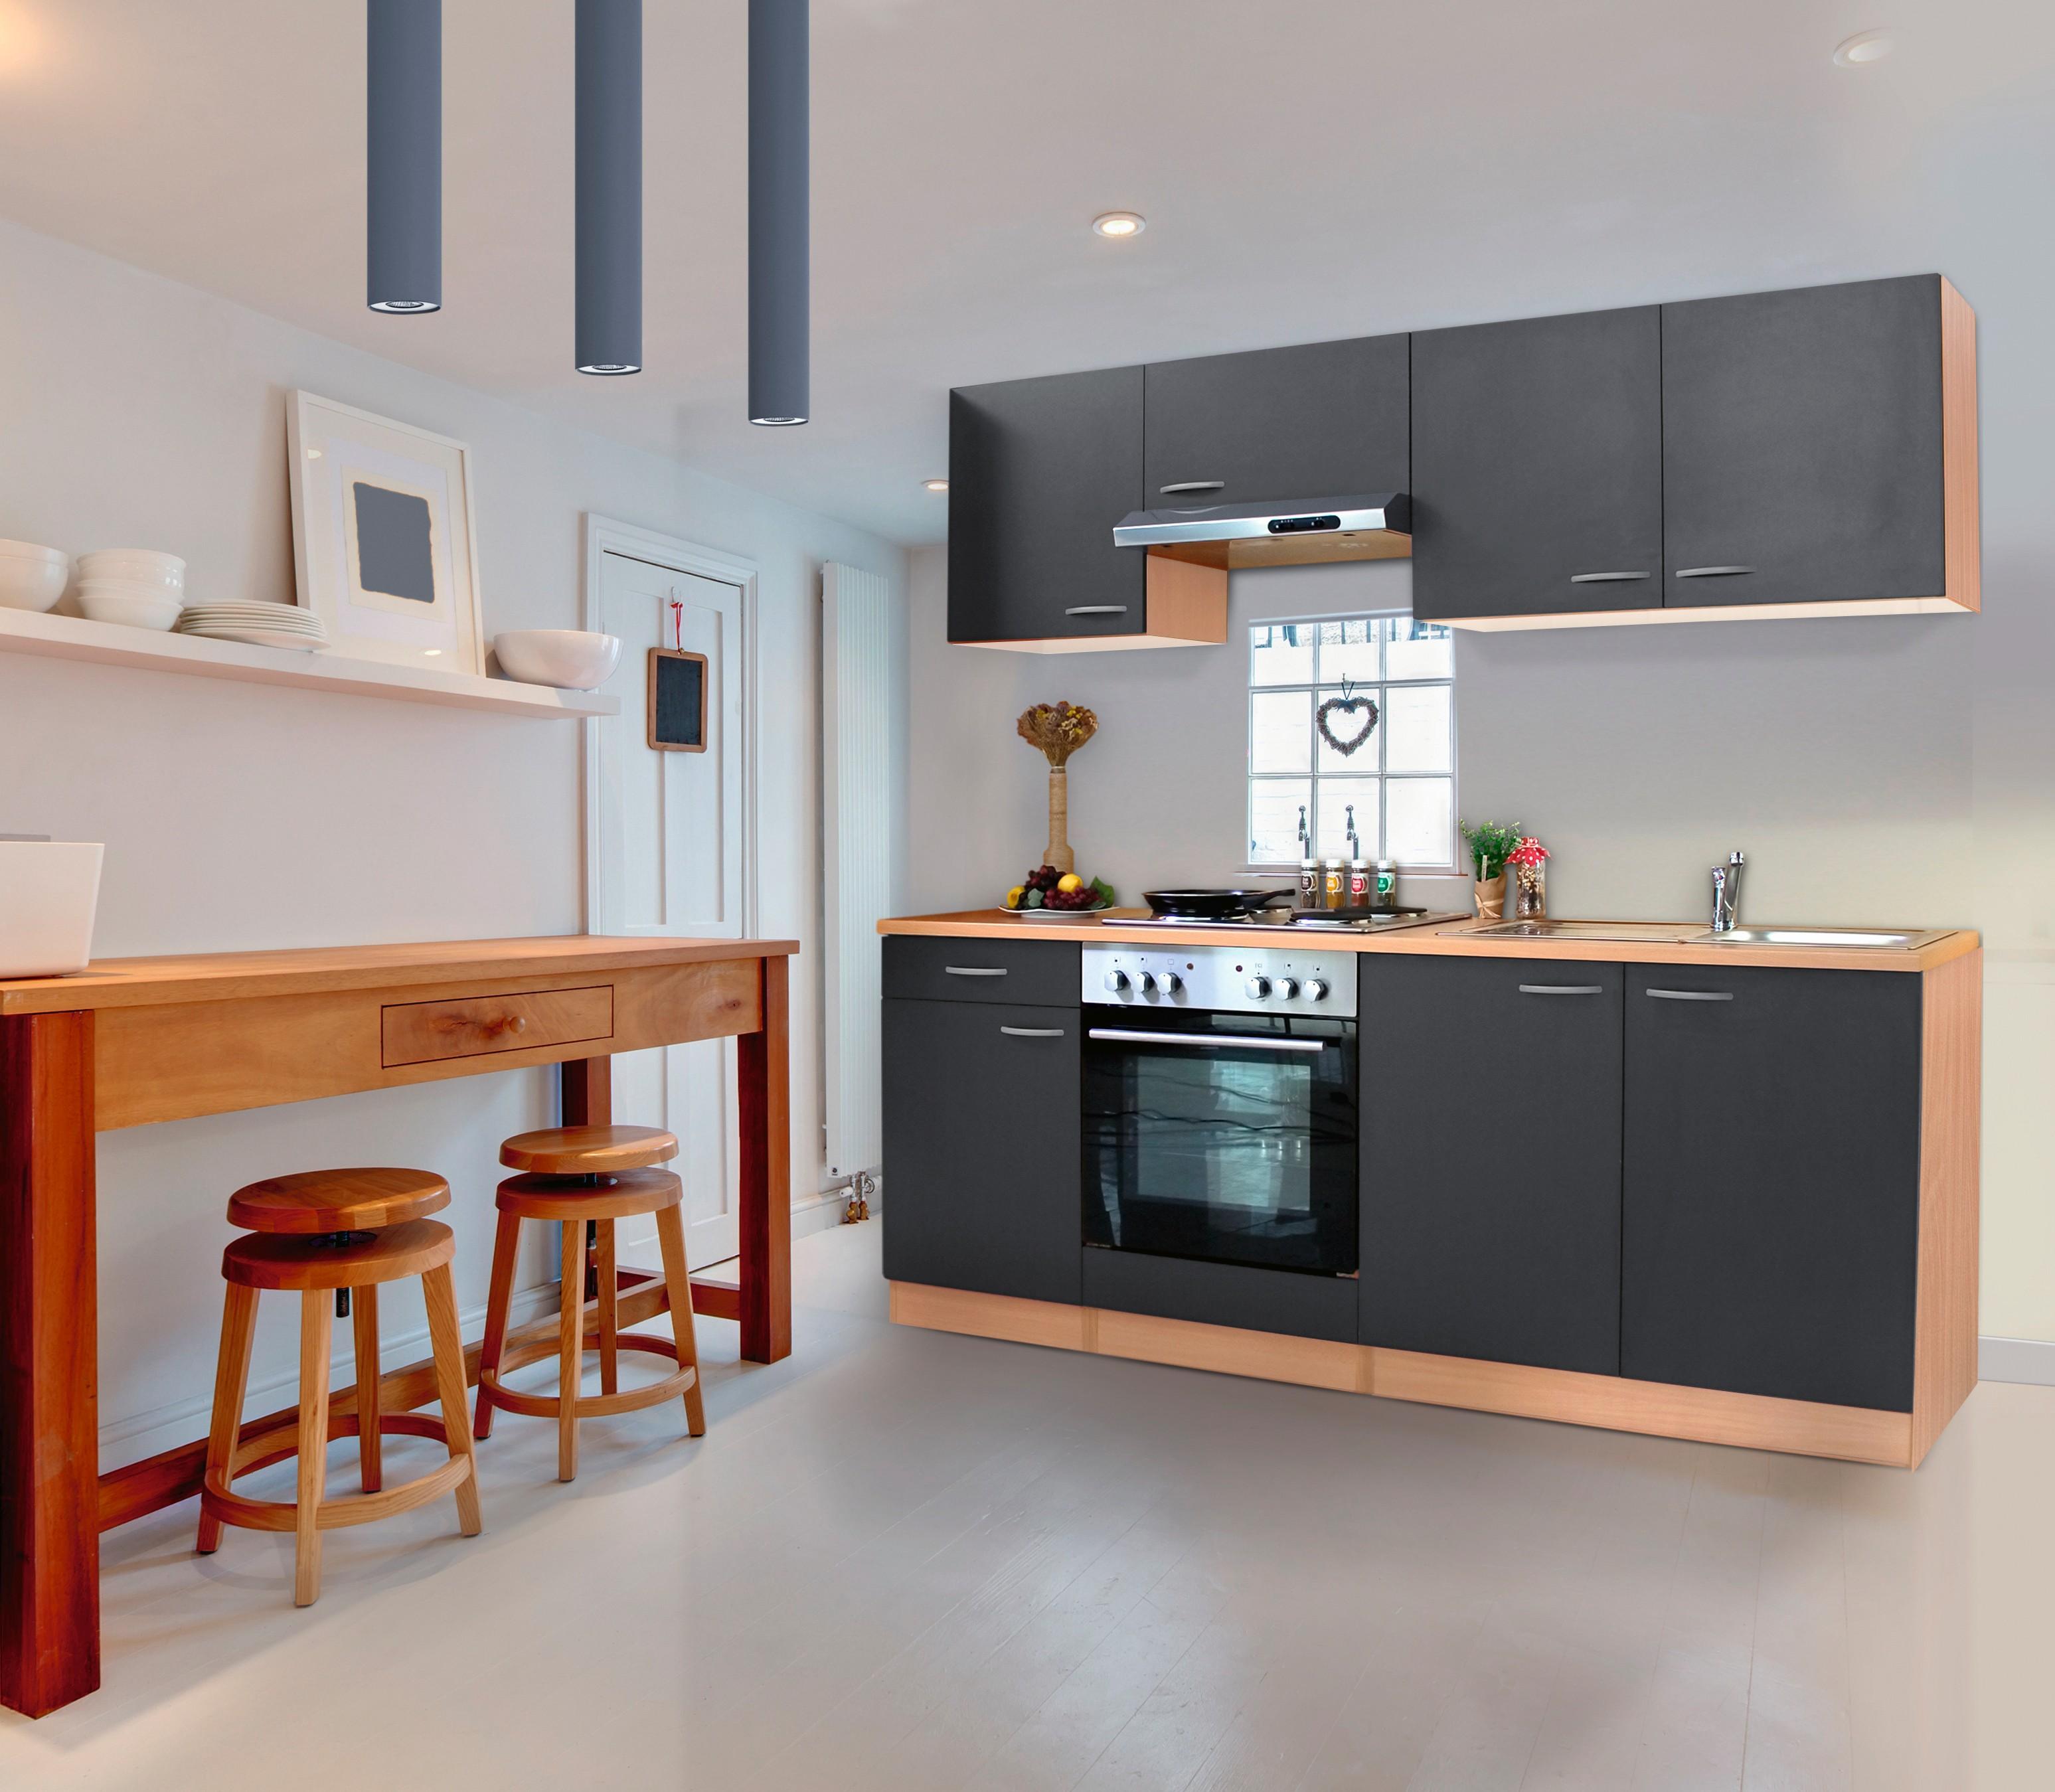 Dettagli su Cucina,Angolo Cucina,Blocco Cucina,Cucina Componibile Completo  210 cm Faggio